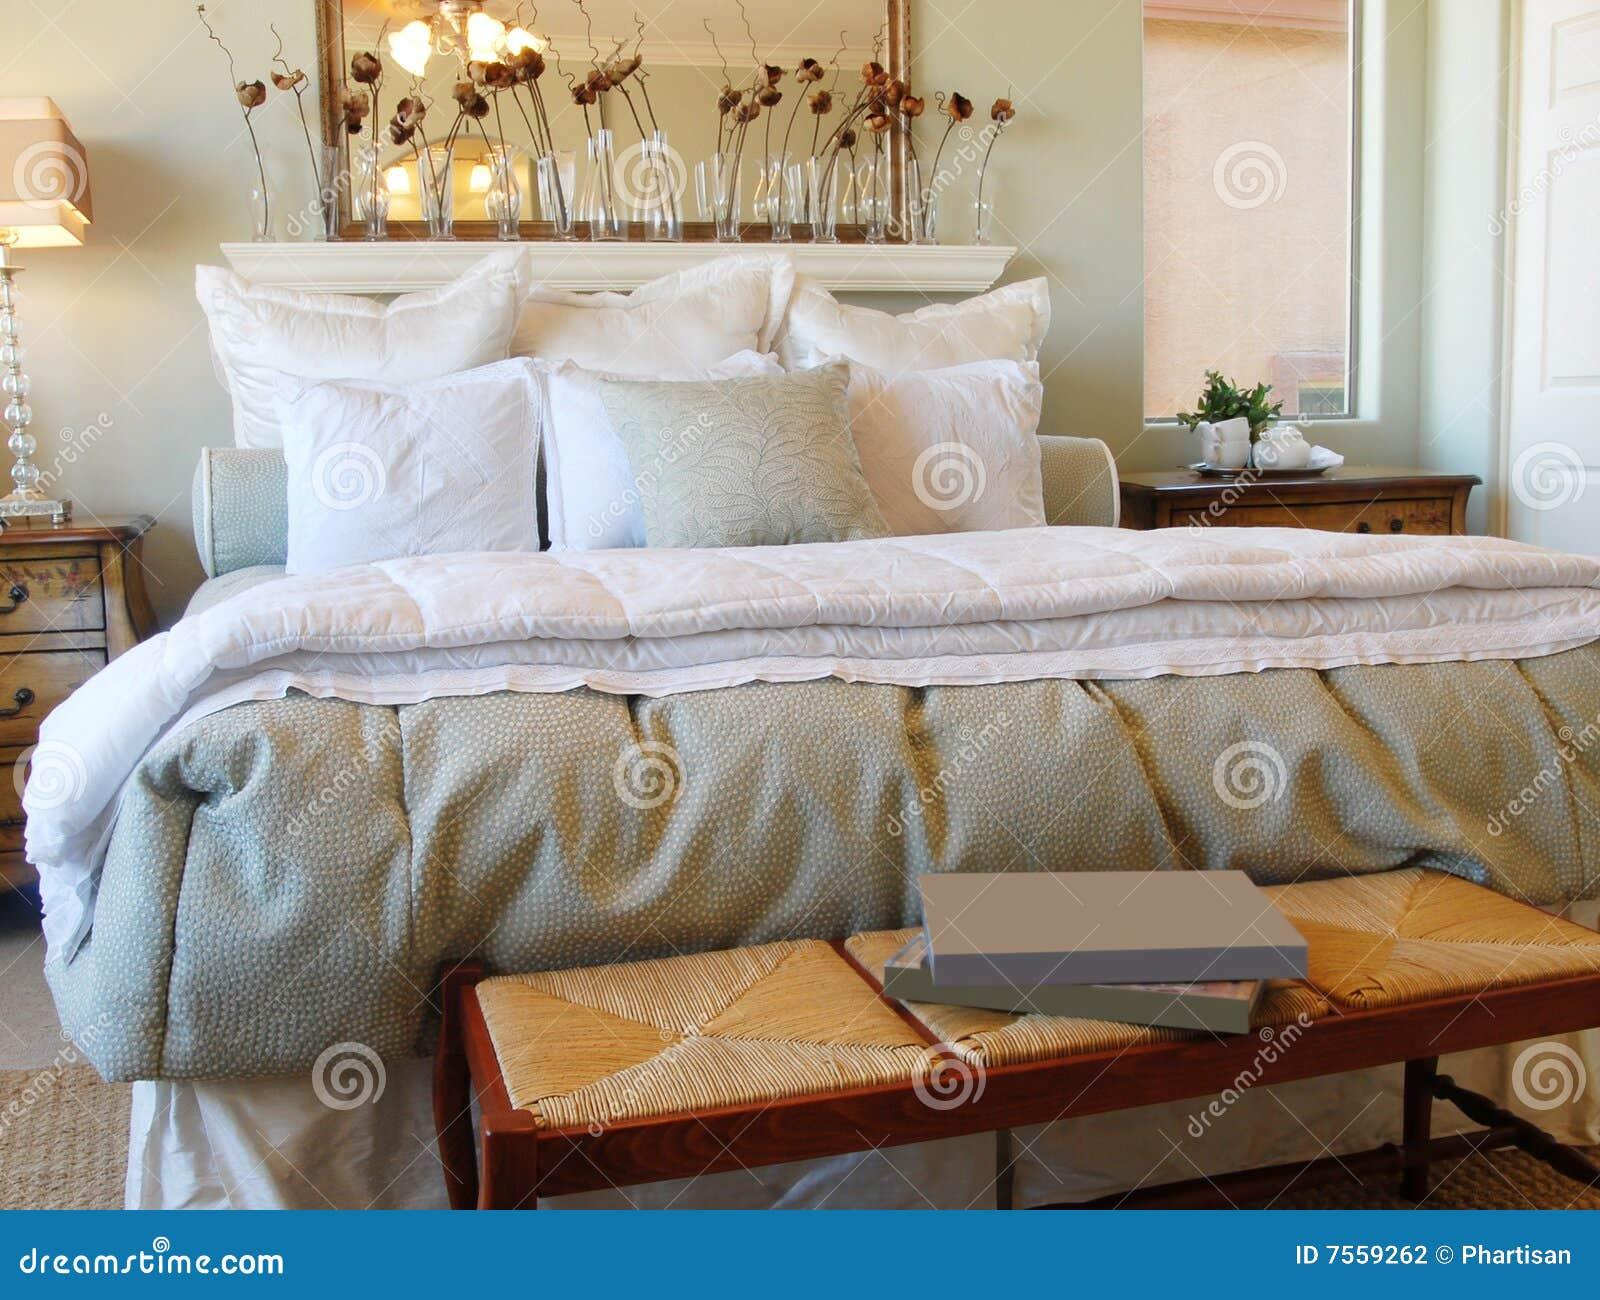 Camera Da Letto Romantiche: Camera da letto bianca romantica ...